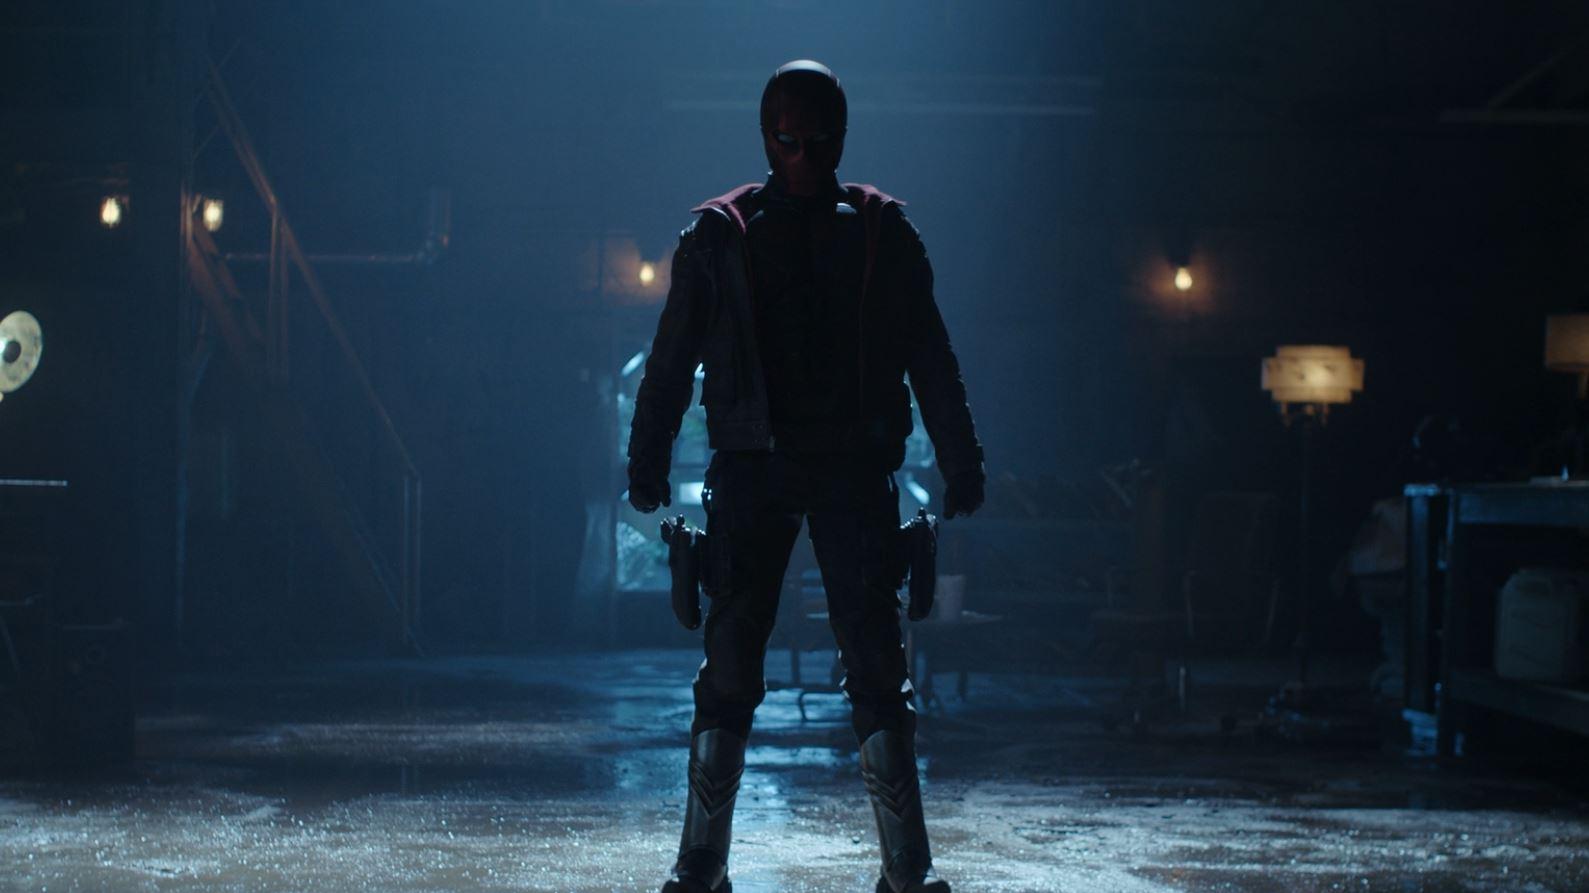 Titans Season 3 Episode 6 Release Date & Spoilers